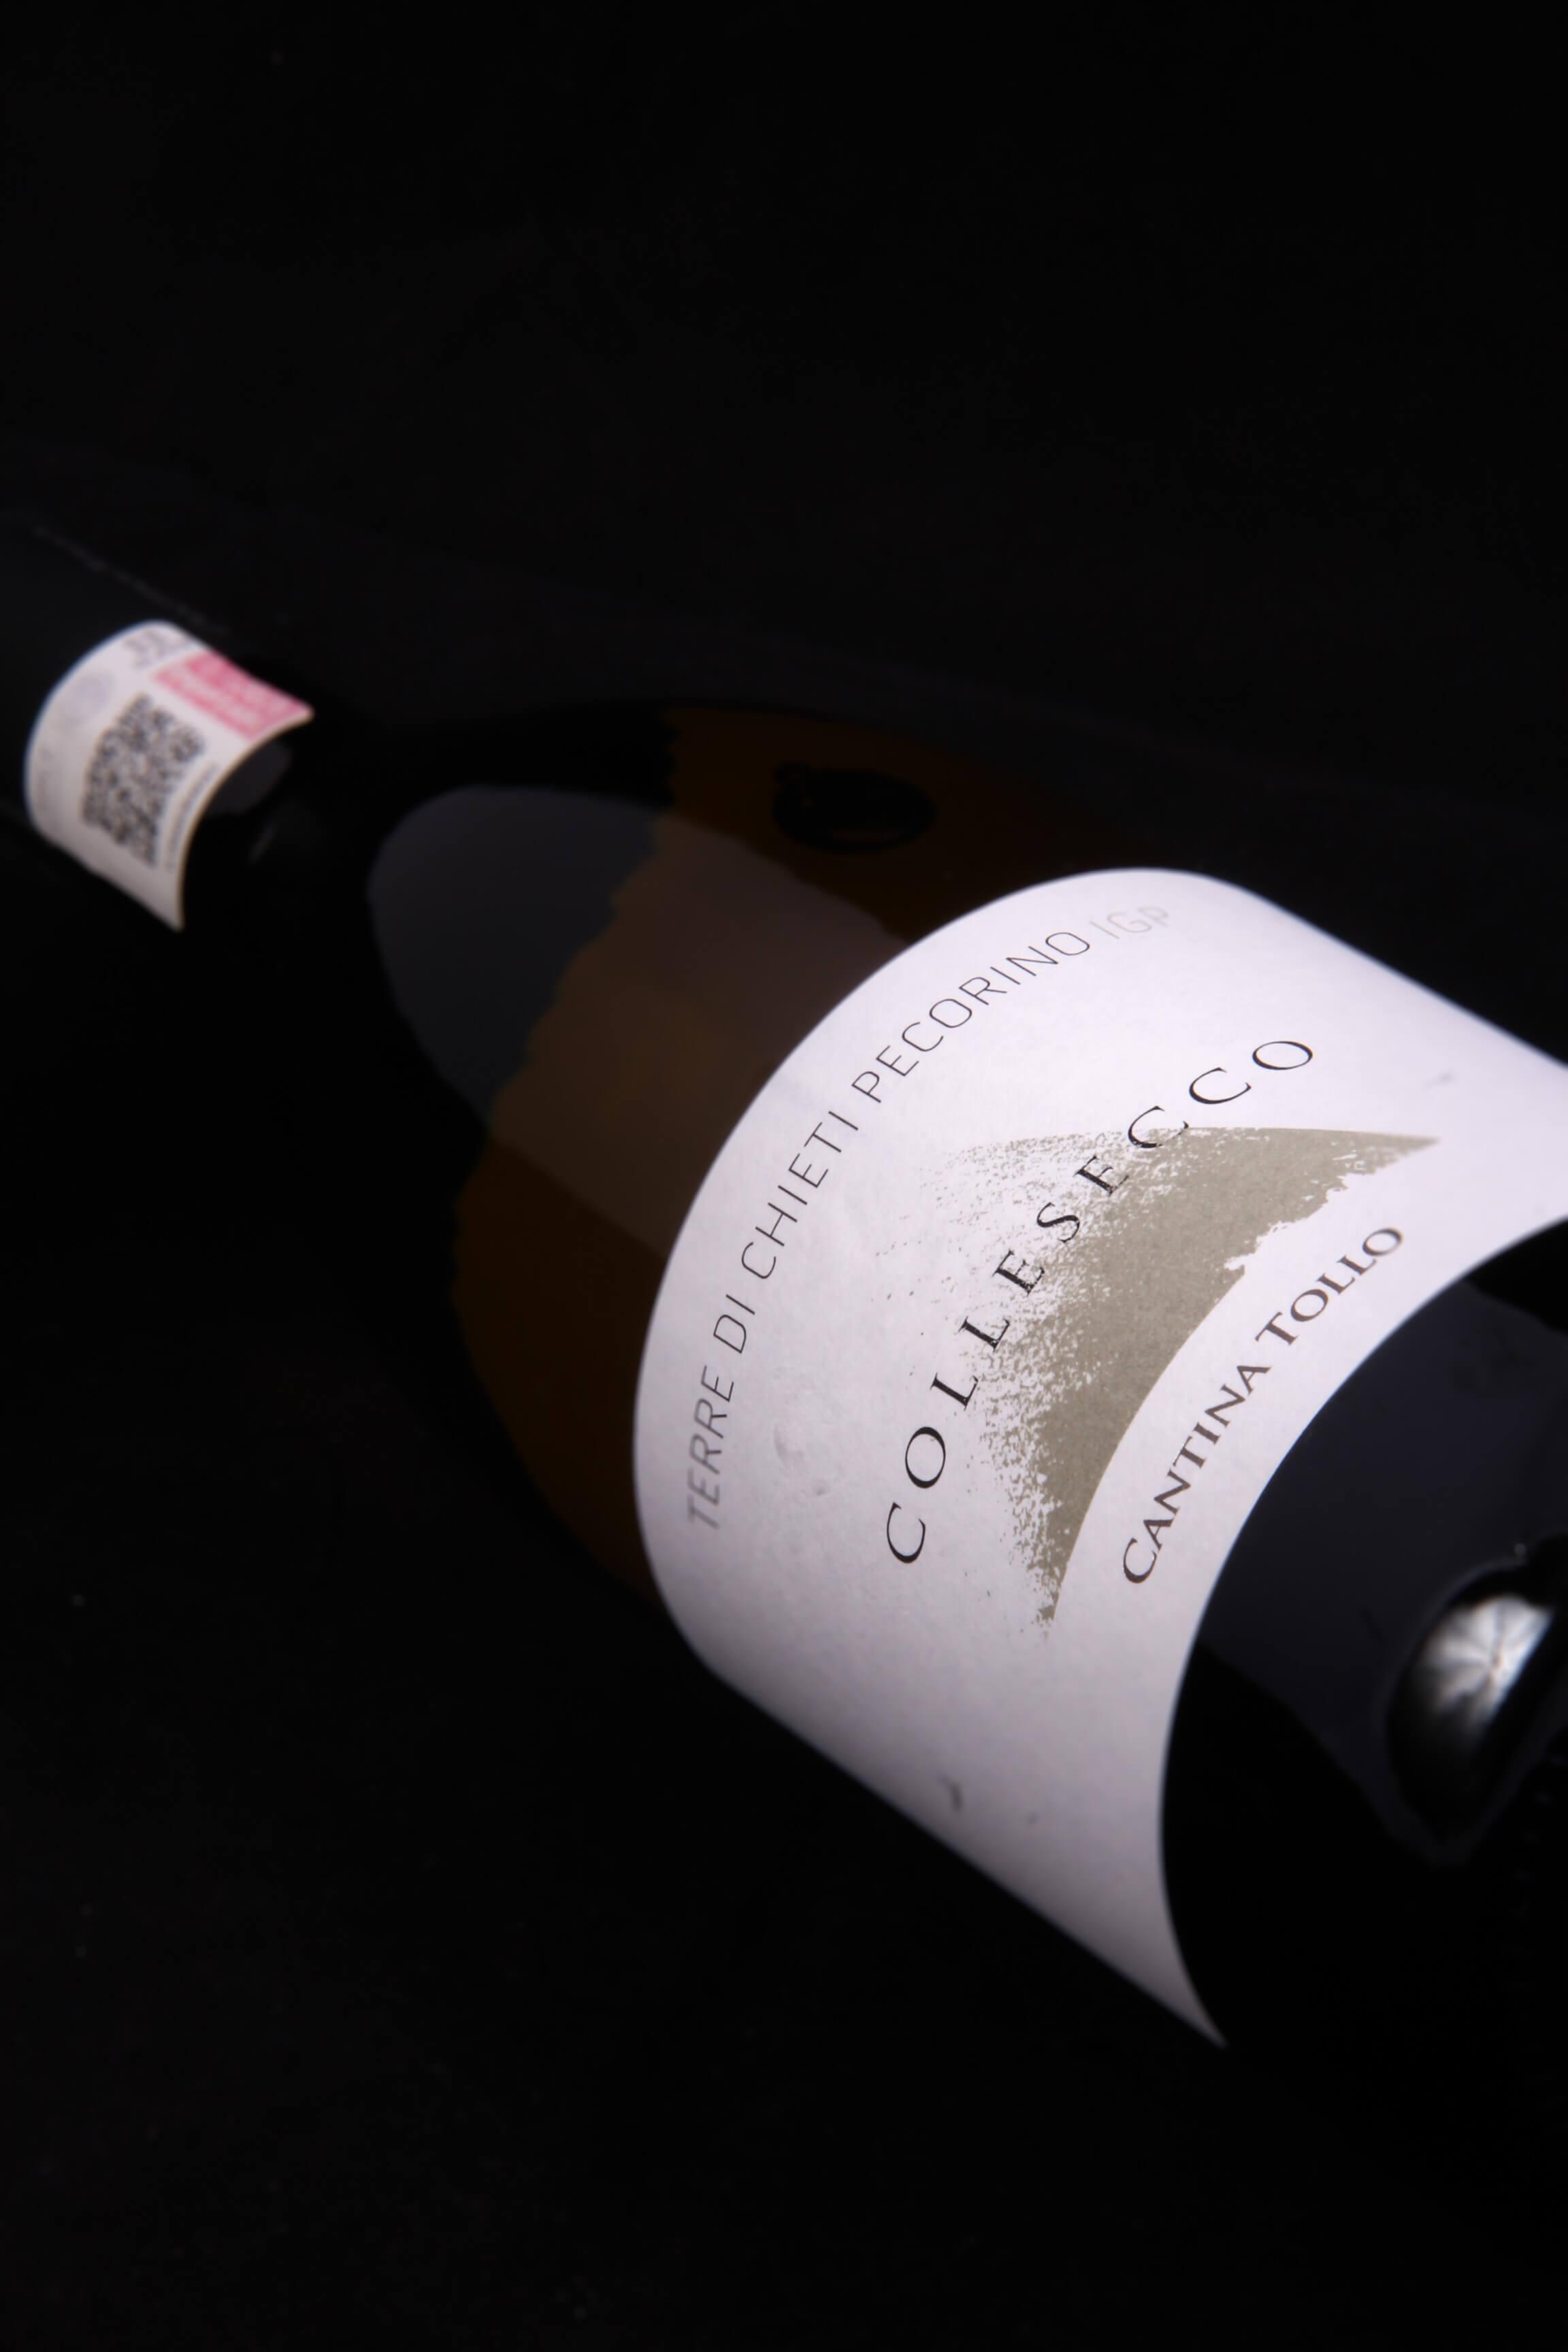 vino_nostrum-importadora_de_vinos_y_alimentos_ok33